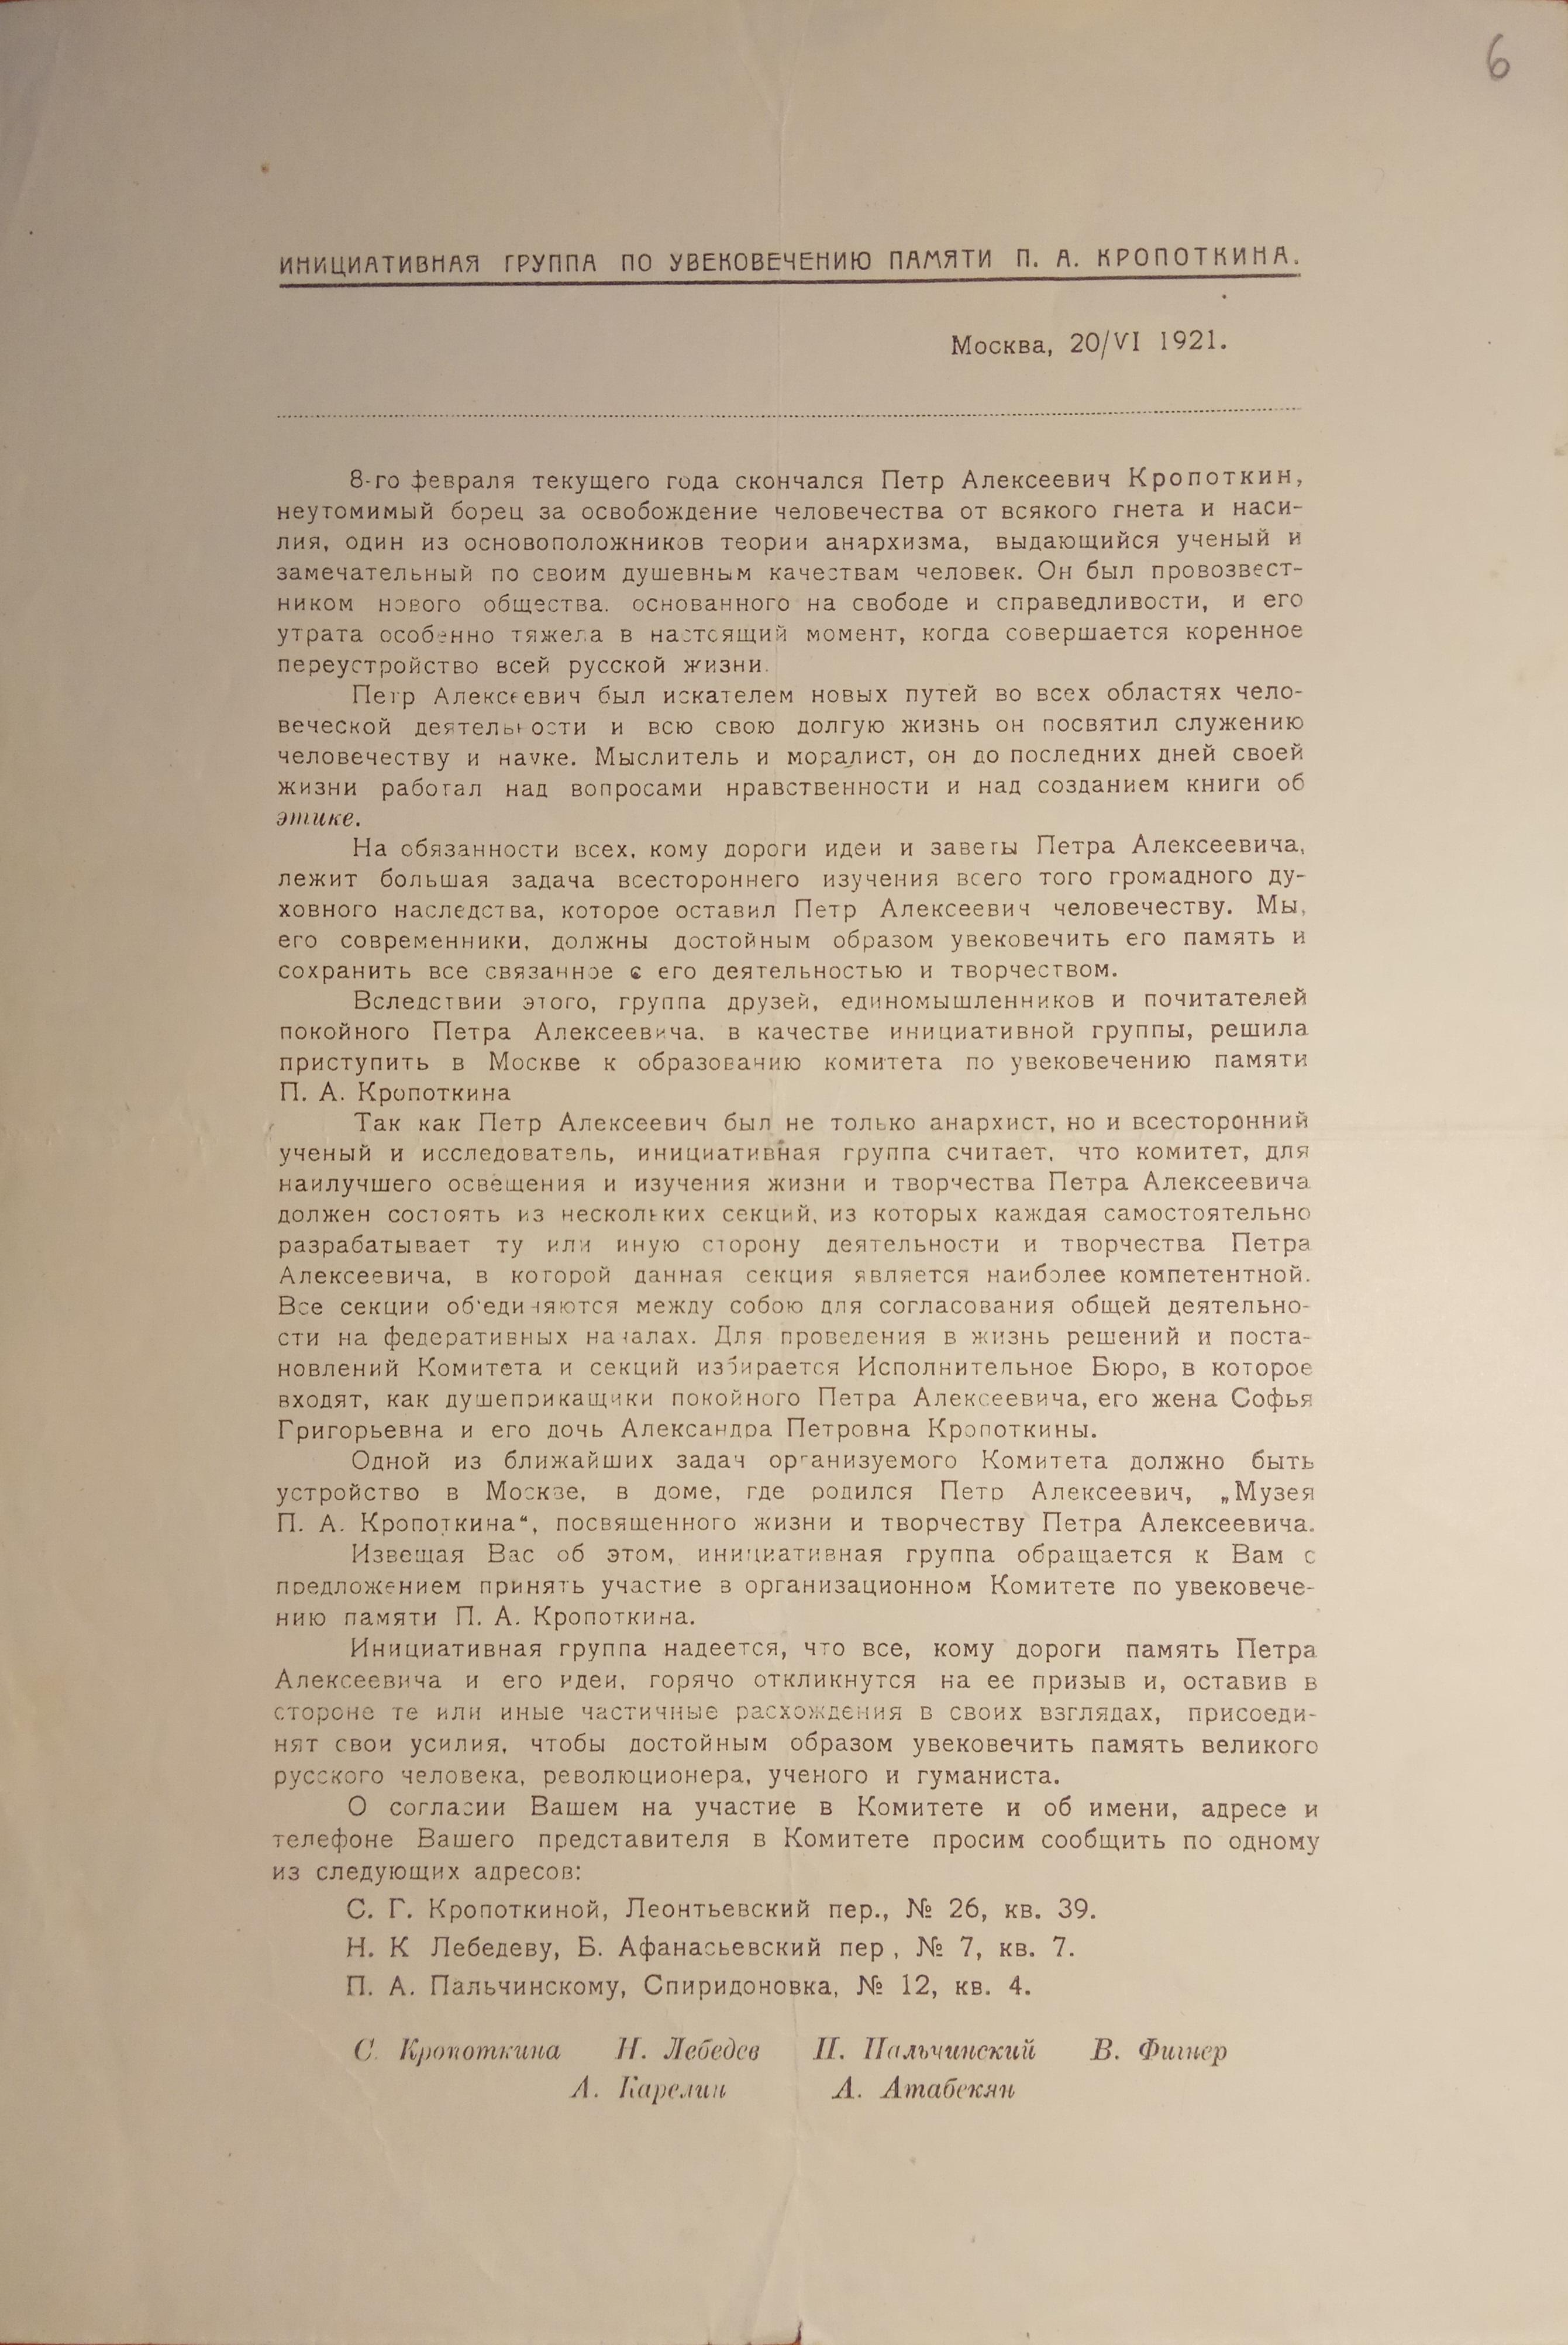 Обращение Инициативной группы по увековечиванию памяти П.А.Кропоткина